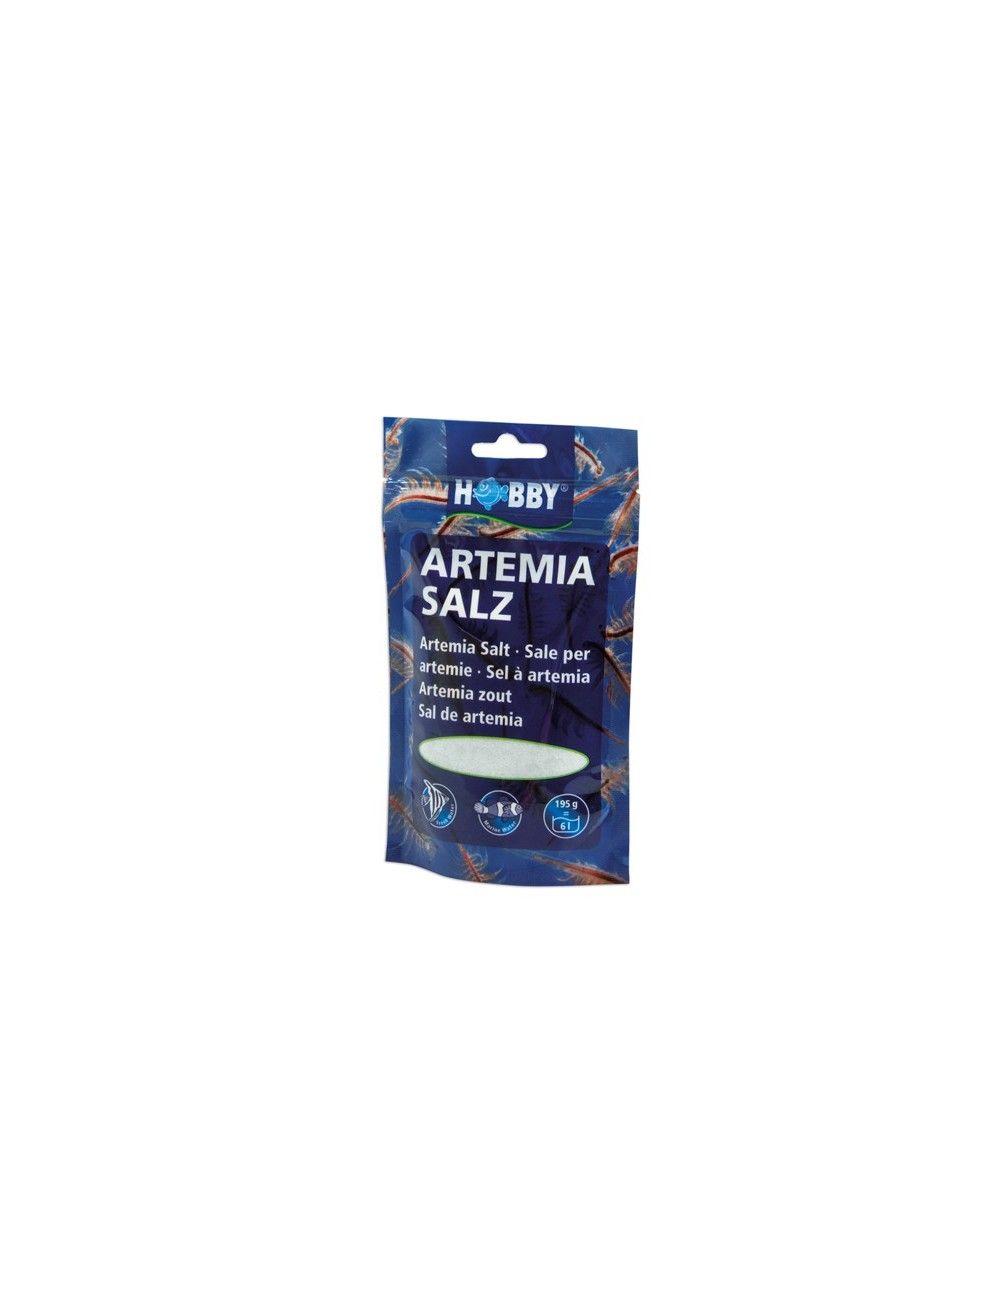 HOBBY - Artemia Salz - 160g - Sel spécial pour l'élevage d'artemias